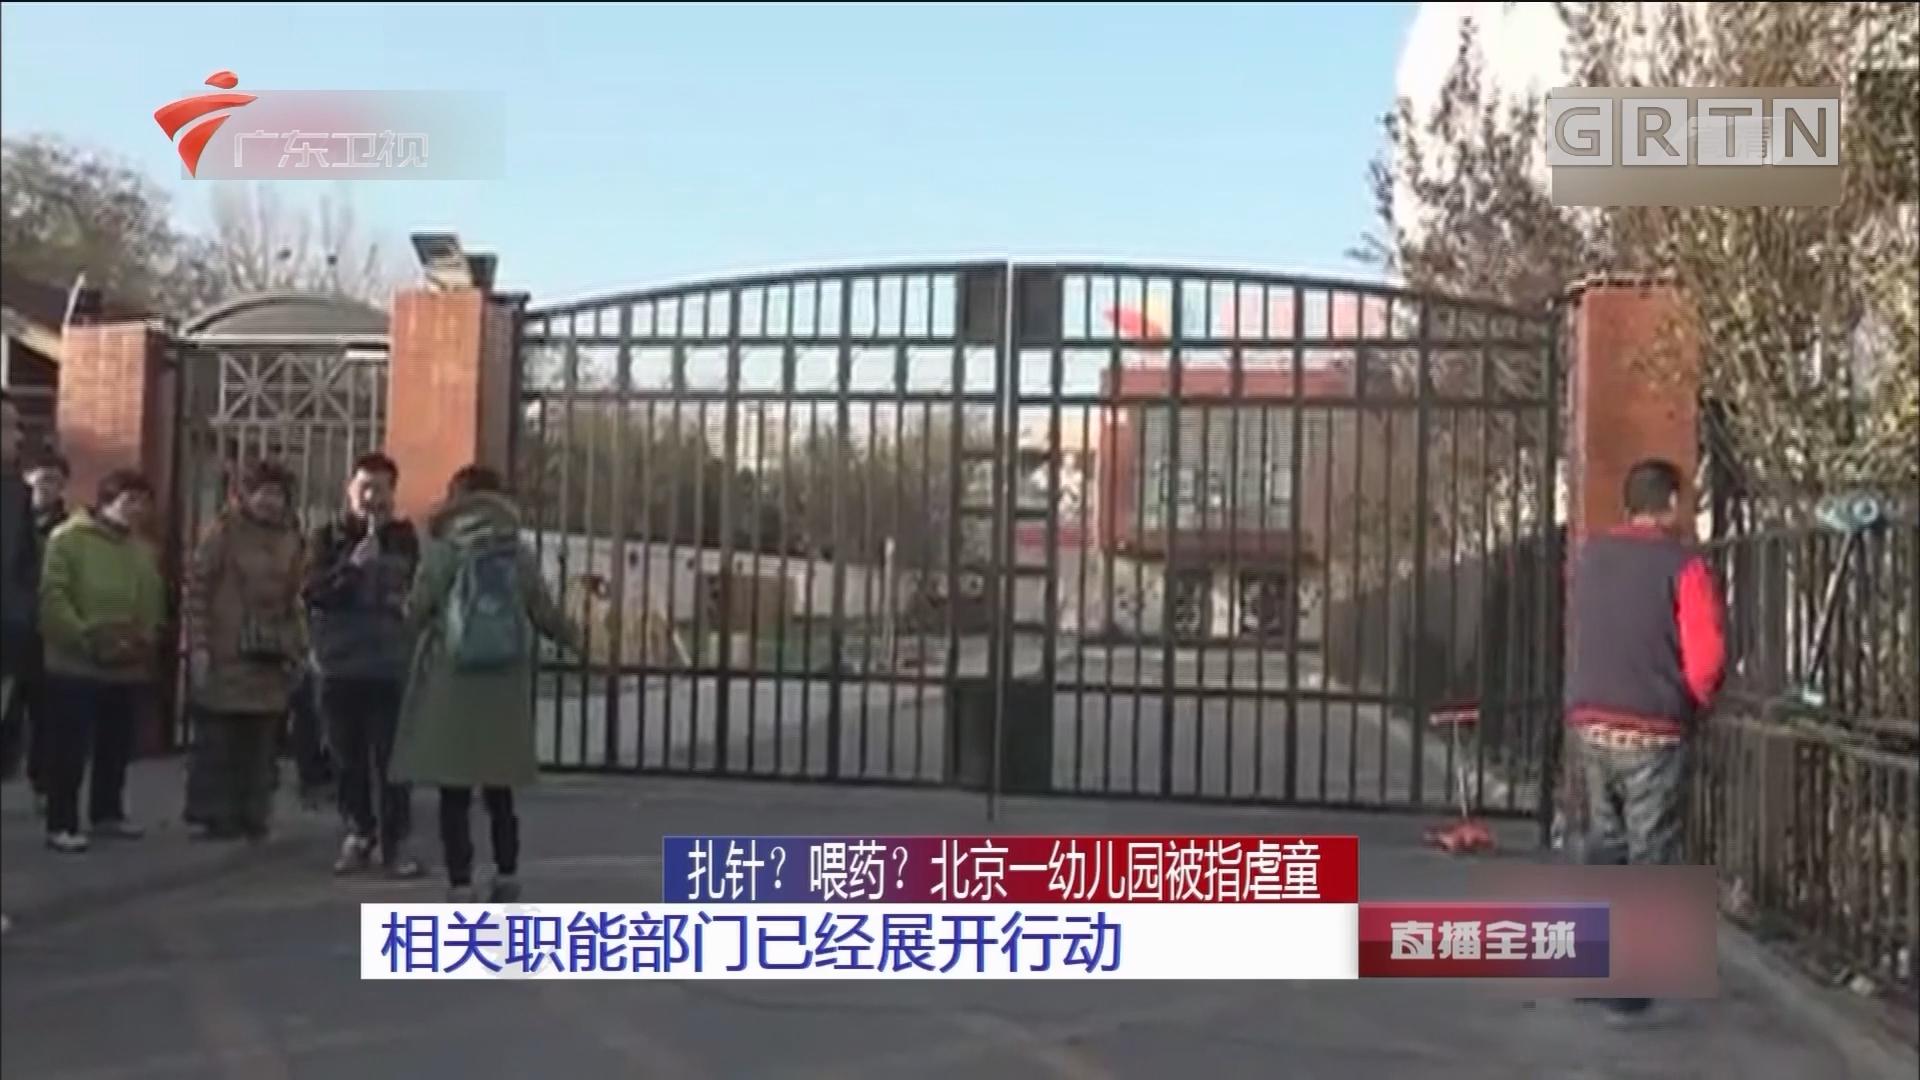 扎针?喂药?北京一幼儿园被指虐童:相关职能部门已经展开行动